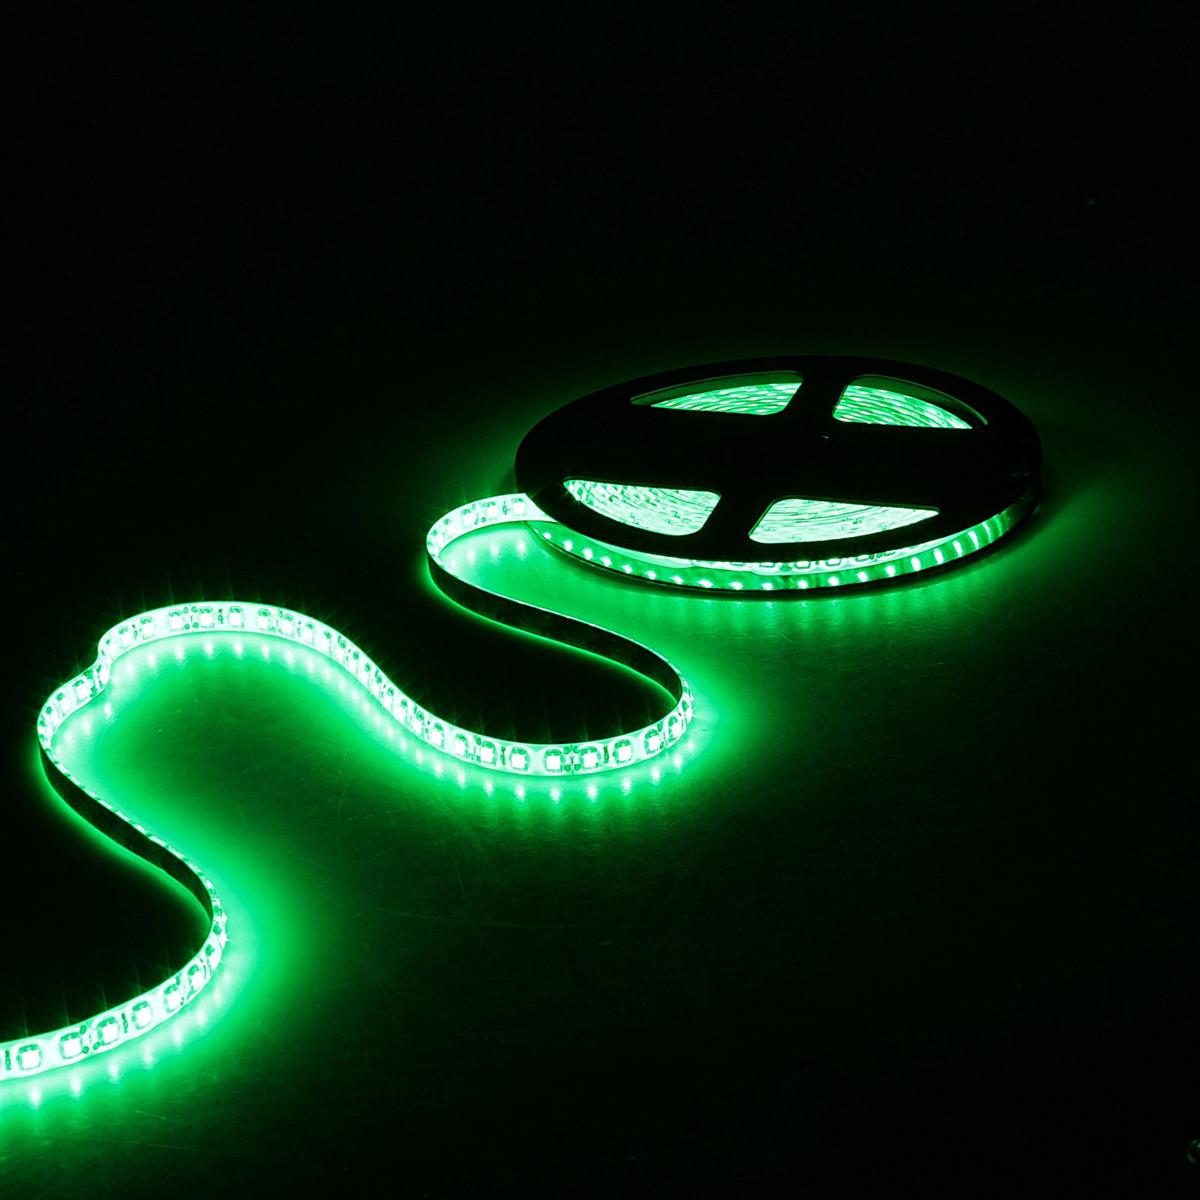 Светодиодная лента Sima-land, 12В, SMD3528, длина 5 м, IP65, 120 LED ламп, 9.6 Вт/м, 6-7 Лм/1 LED, DC, цвет: зеленый. 848546848546Светодиодные гирлянды, ленты и т.д — это отличный вариант для новогоднего оформления интерьера или фасада. С их помощью помещение любого размера можно превратить в праздничный зал, а внешние элементы зданий, украшенные ими, мгновенно станут напоминать очертания сказочного дворца. Такие украшения создают ауру предвкушения чуда. Деревья, фасады, витрины, окна и арки будто специально созданы, чтобы вы украсили их светящимися нитями.